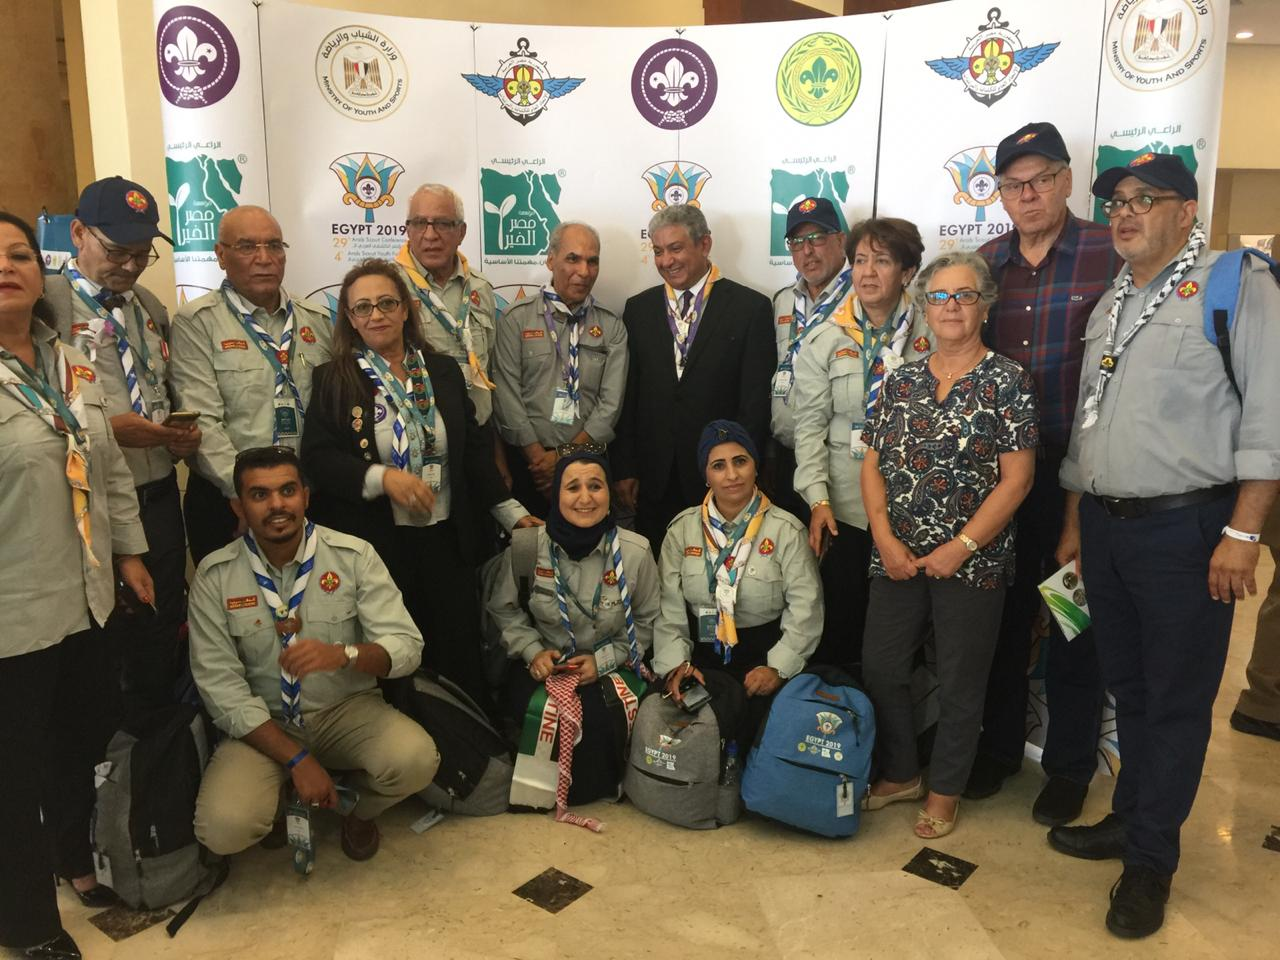 المغرب يشارك في المؤتمر الكشفي العربي29 بشرم الشيخ